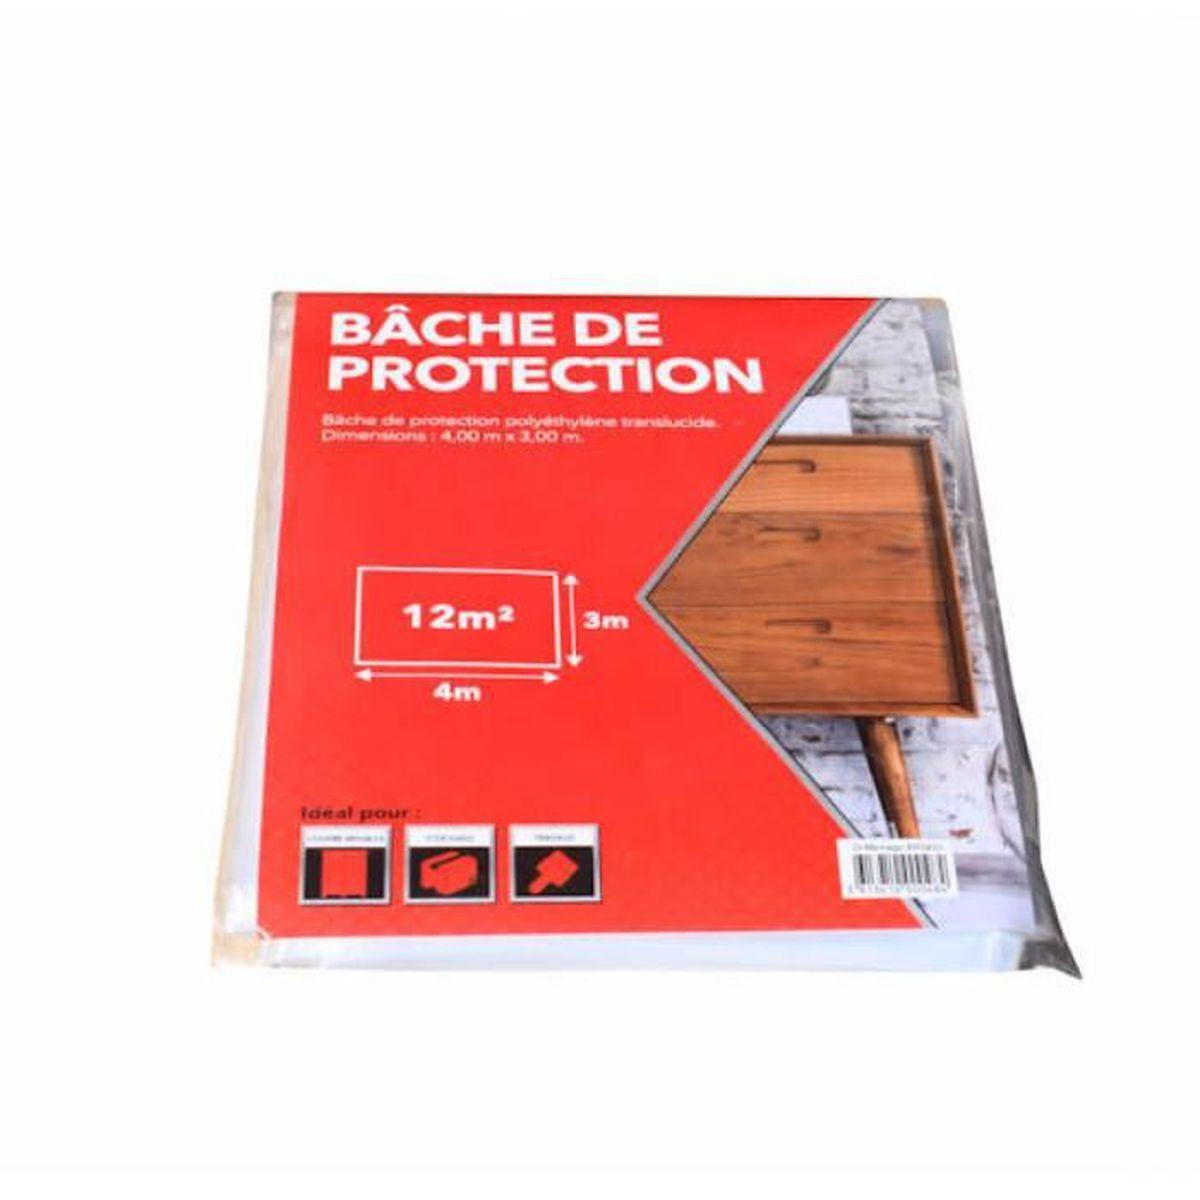 Mooveit Housse protection Fauteuil pour D/ém/énagement ou Stockage 1820mm x 1370 mm